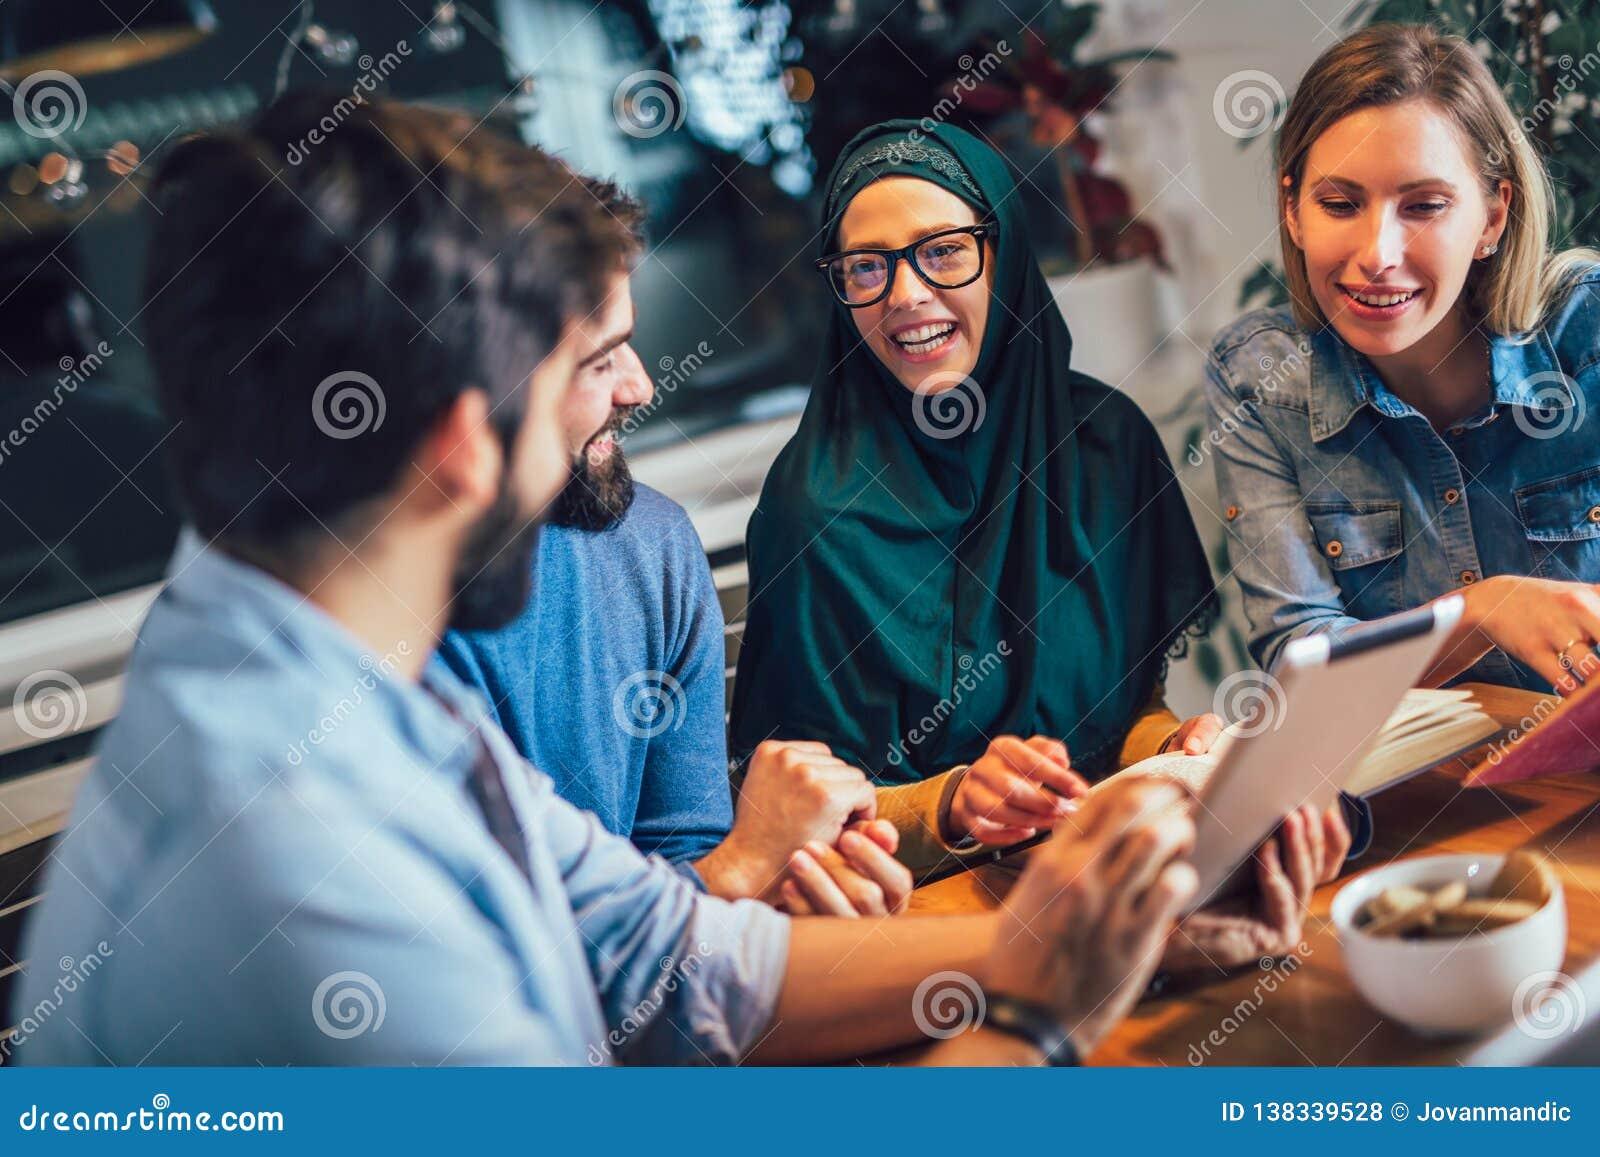 Estudantes da aprendizagem étnica diversa em casa Aprendizagem e preparação para o exame da universidade